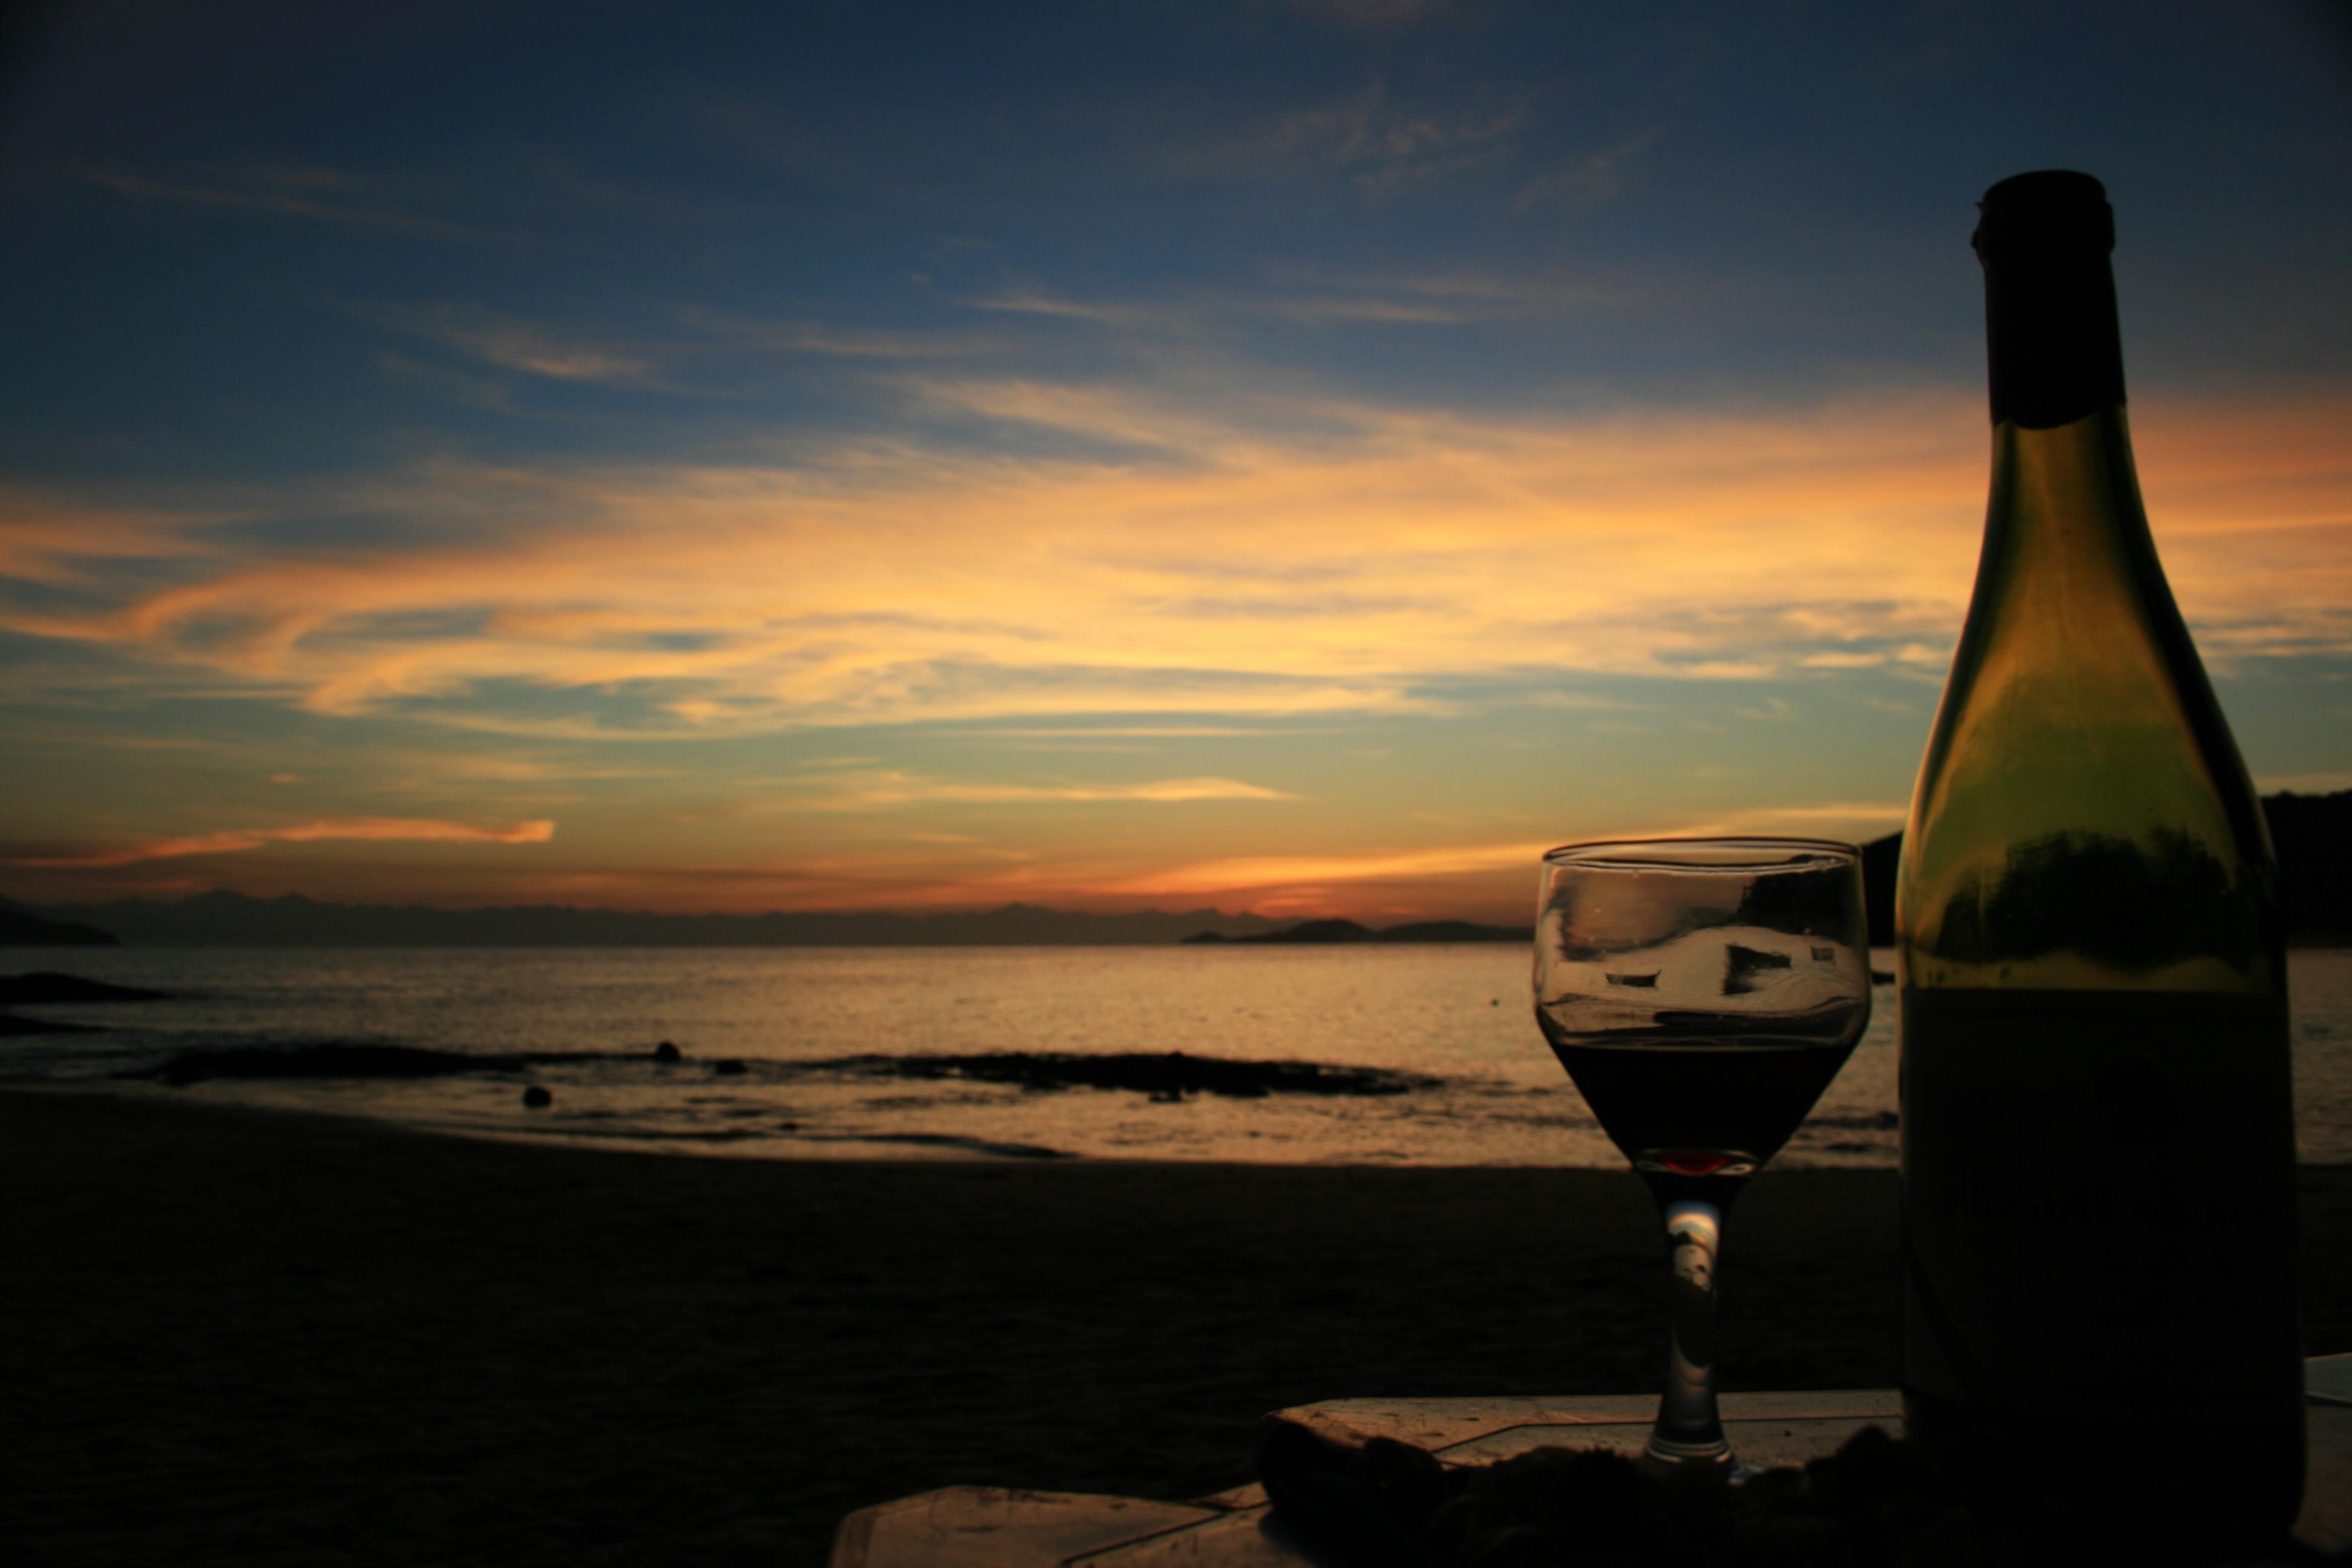 леса картинки бокалов с вином на фоне моря более, что